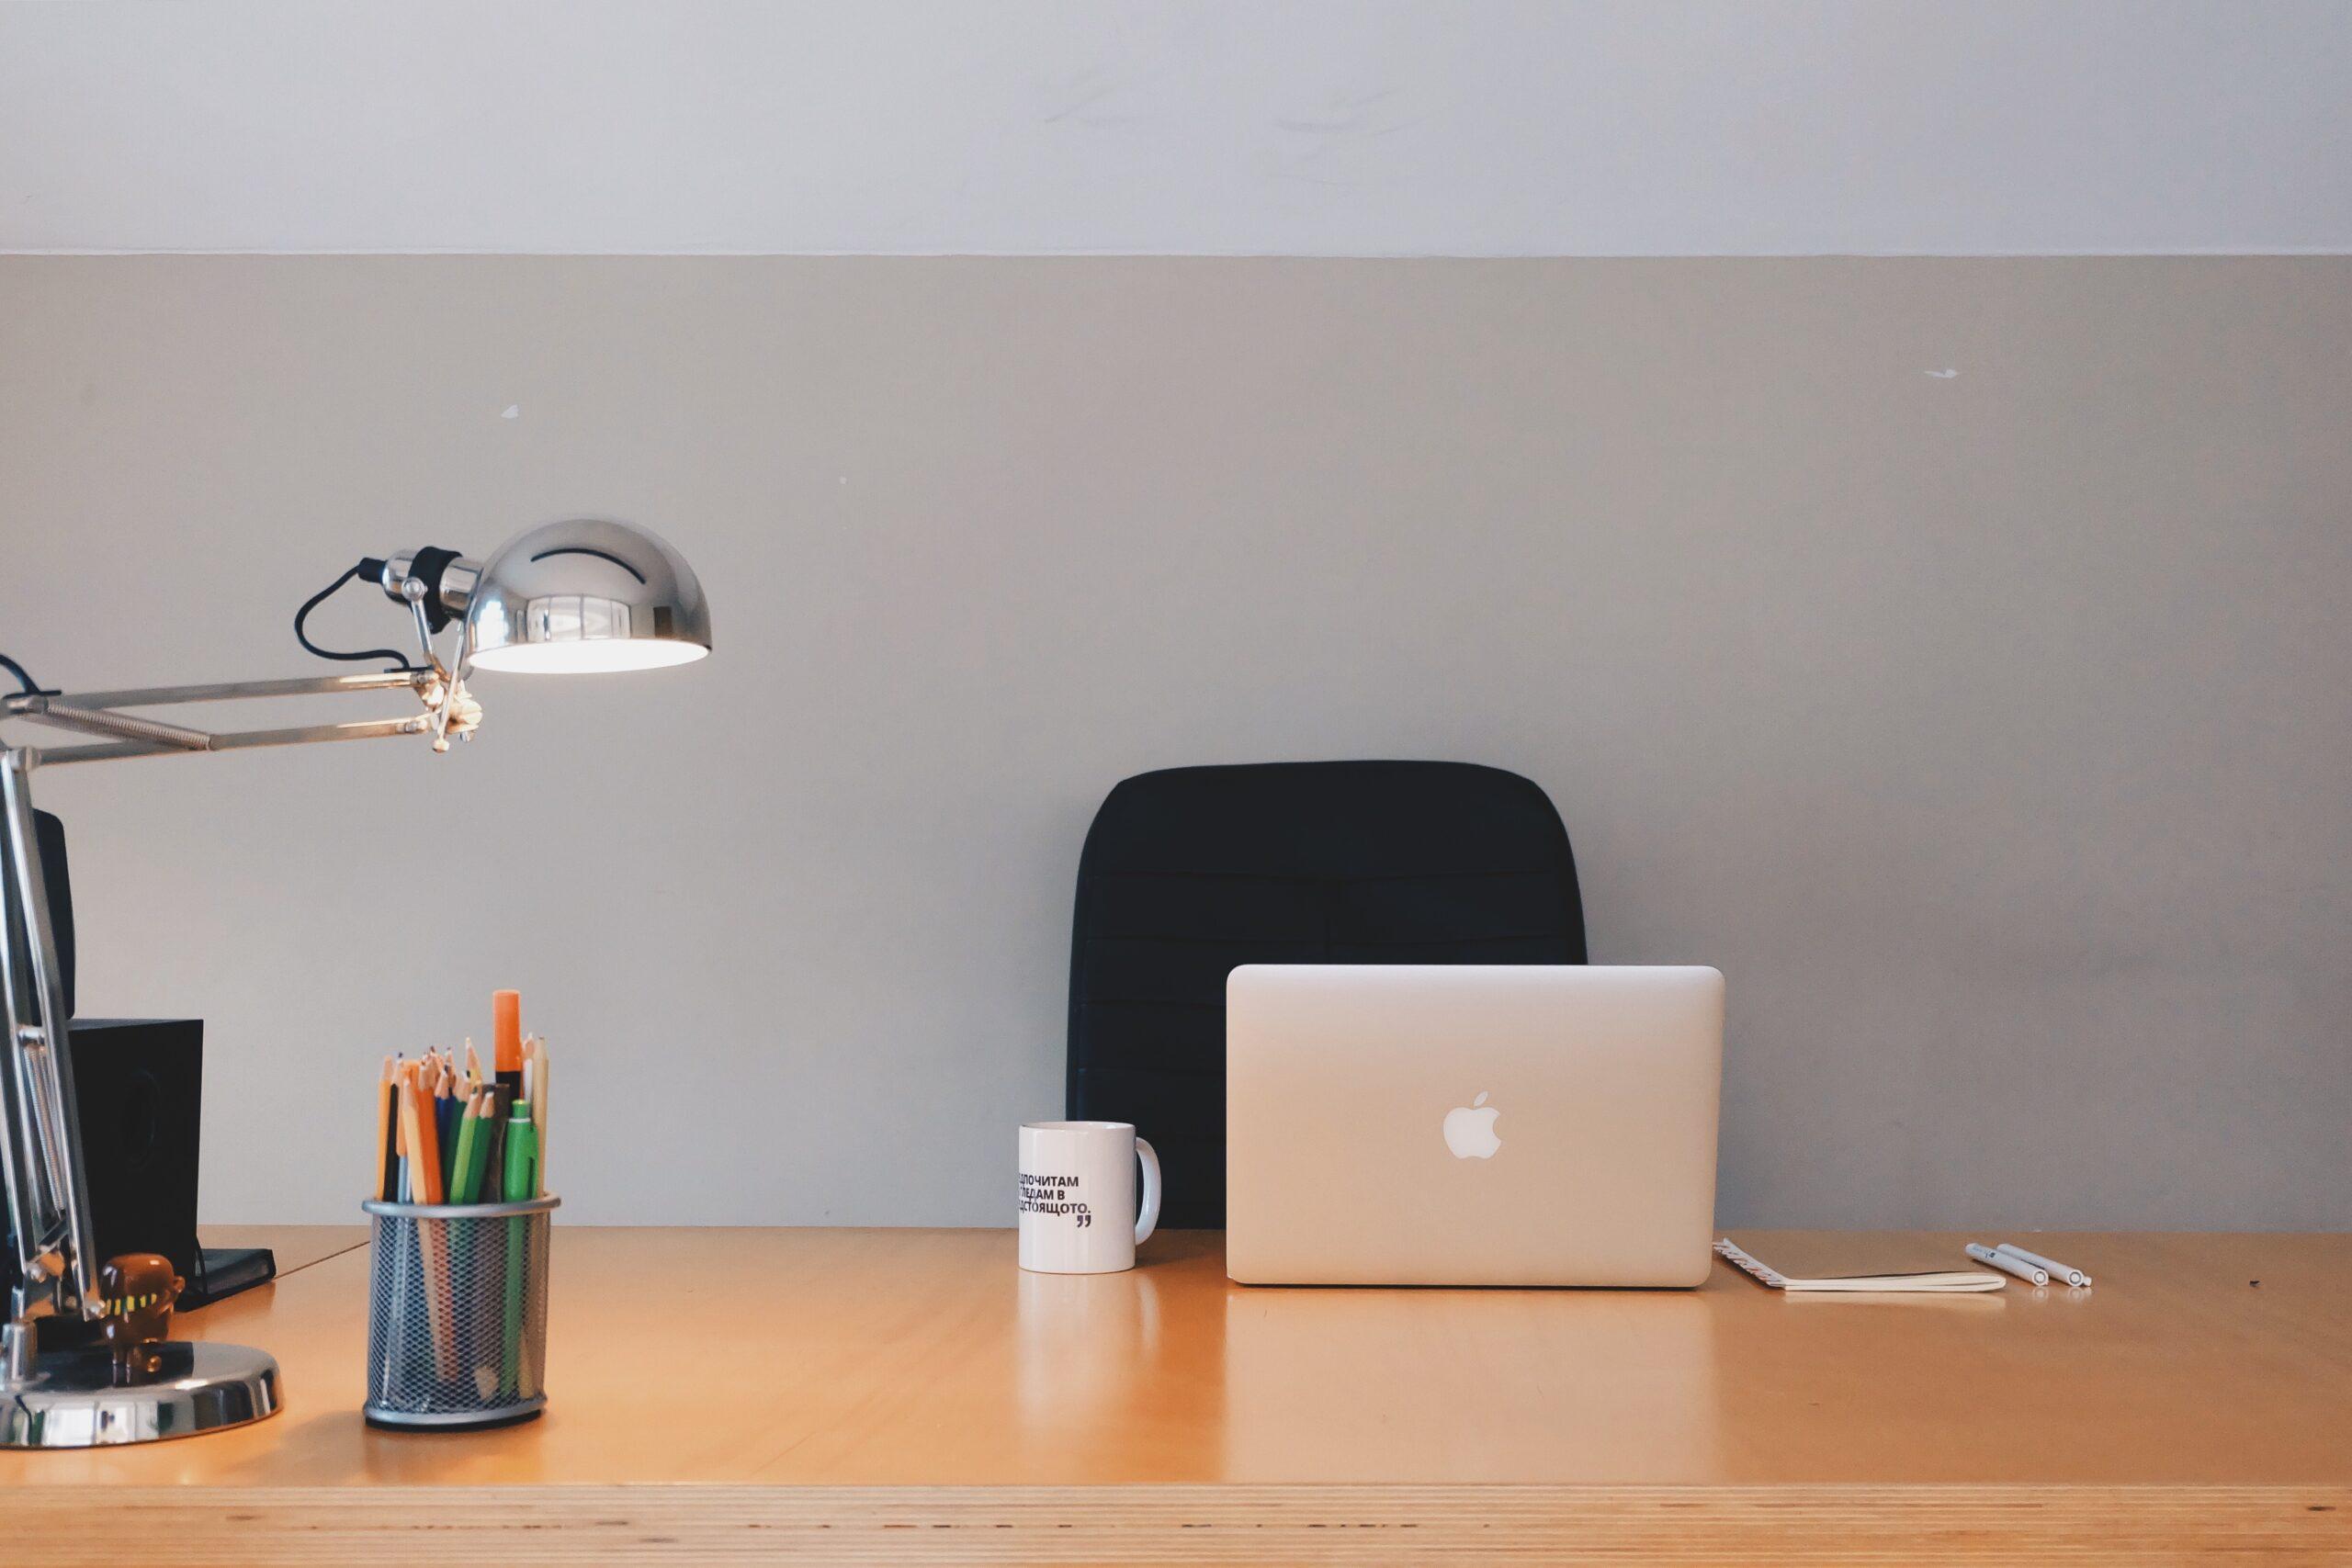 Büros haben Zukunft